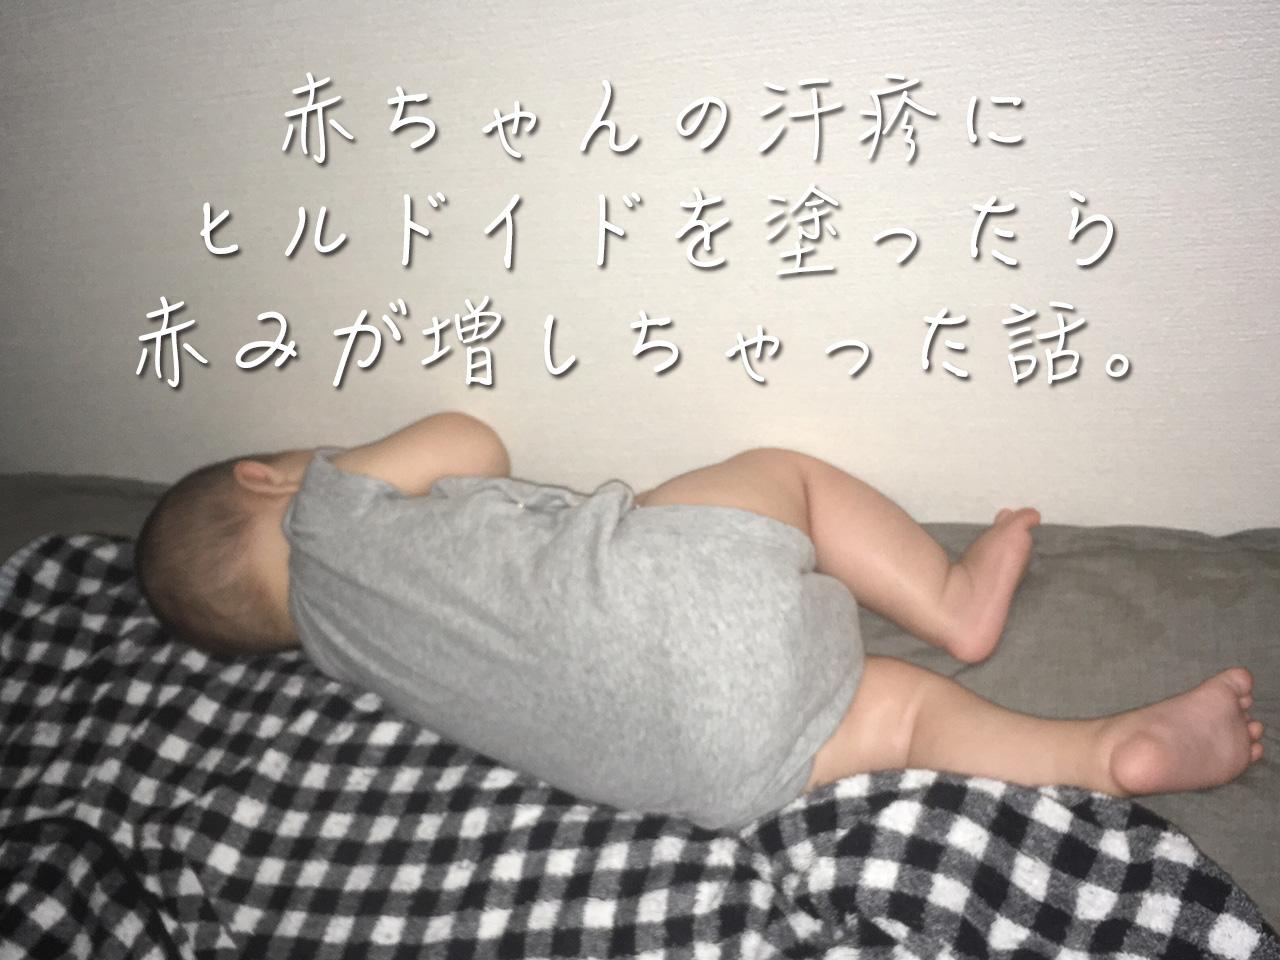 ヒルドイド 乳児 湿疹